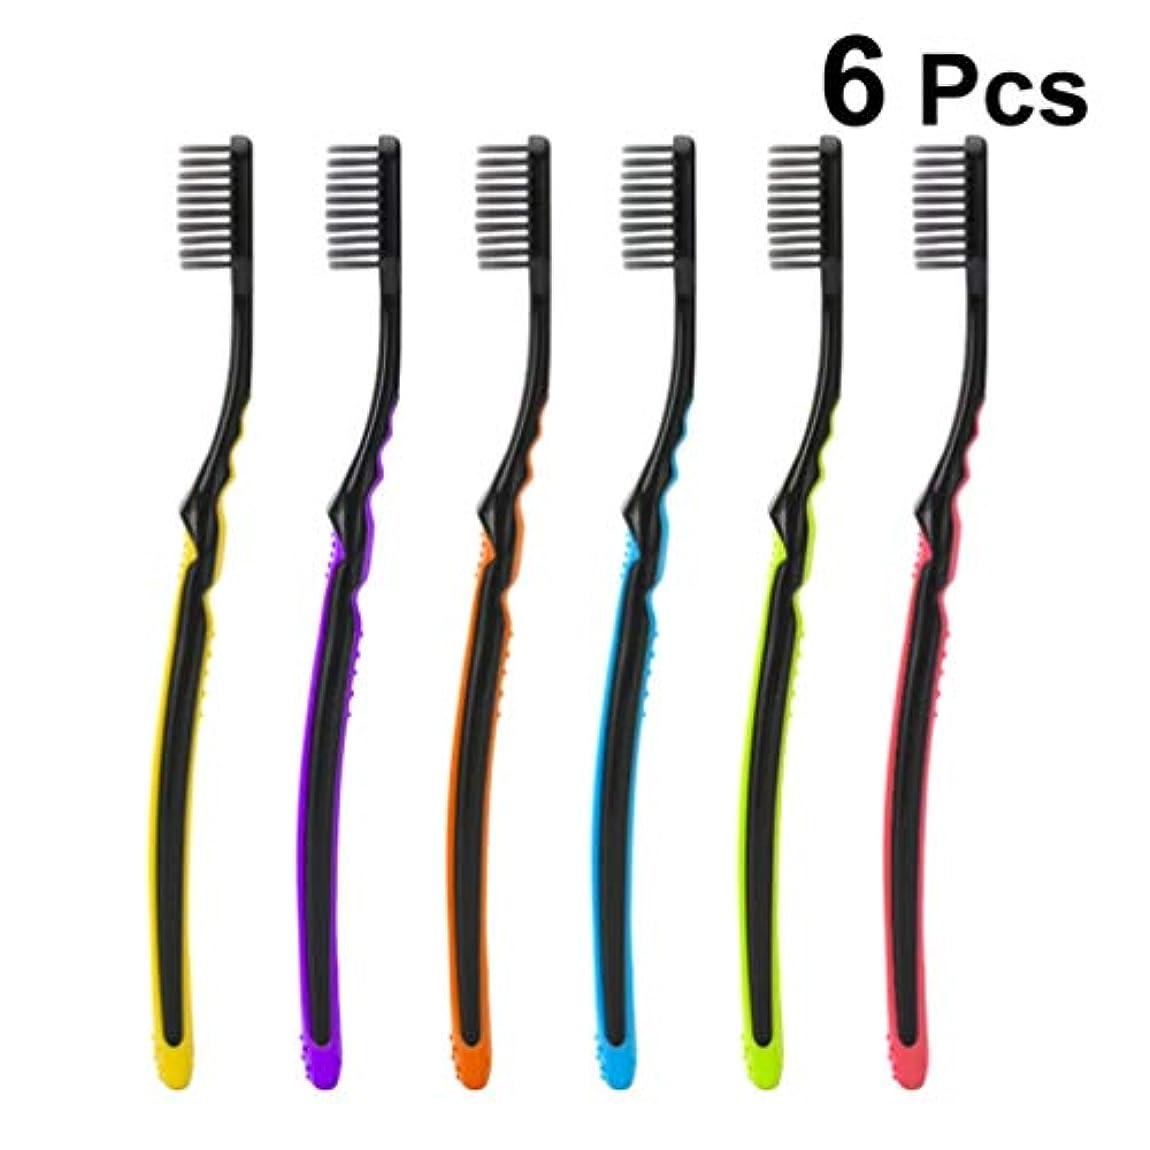 快い懇願するかろうじてSUPVOX 6ピース手動歯ブラシソフト歯ブラシ大人の竹炭歯ブラシ家庭用旅行ホテル